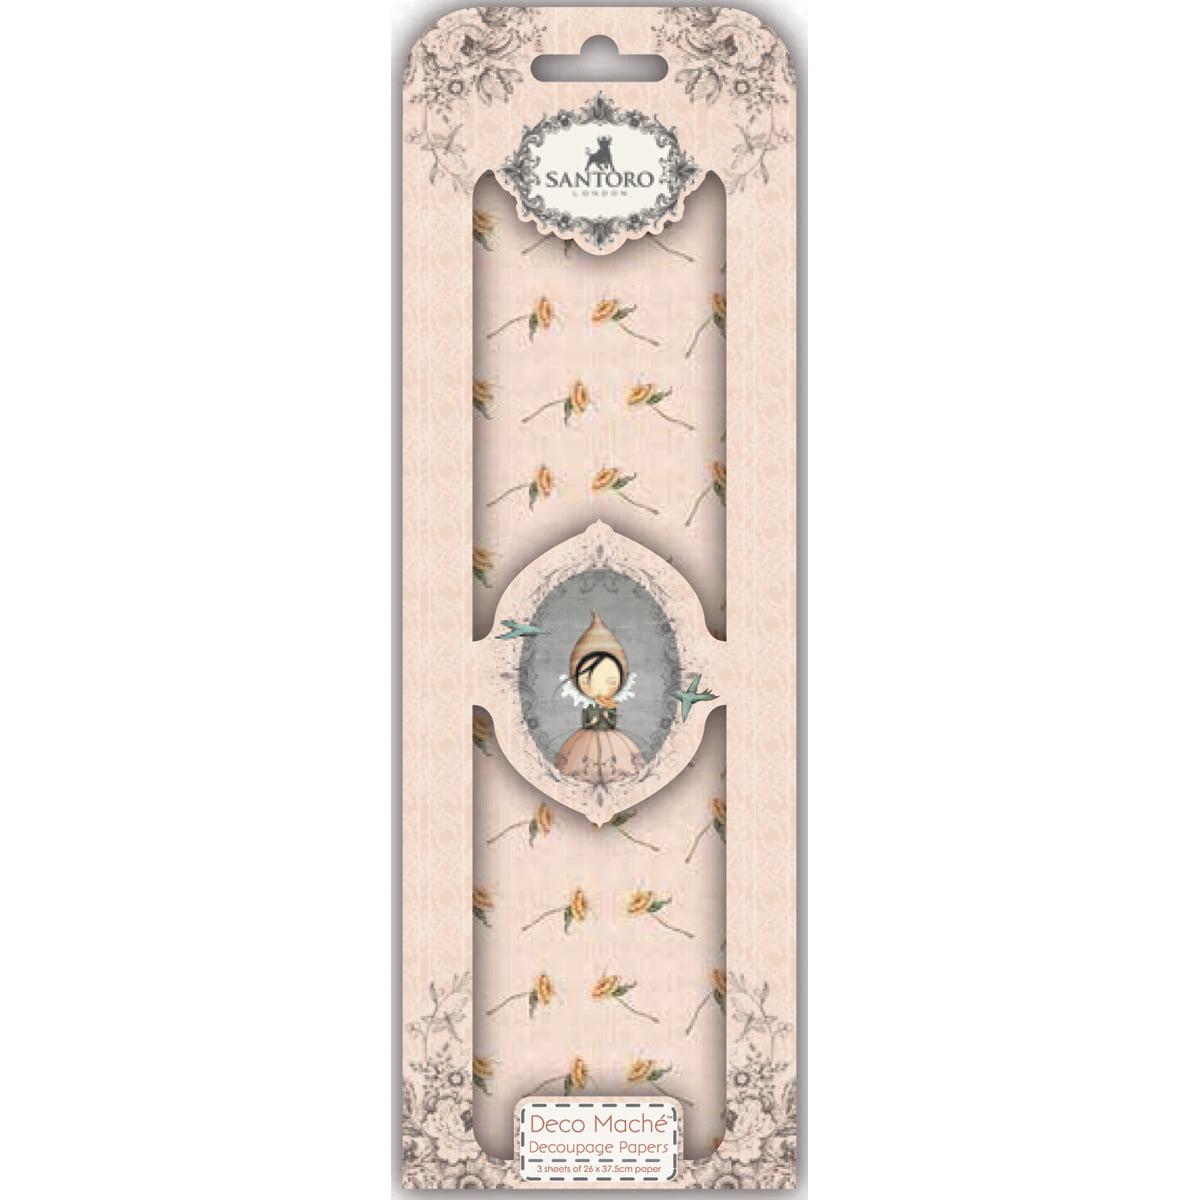 Santoro Mirabelle Deco Mache Sheets 26Cm X 37.5Cm 3/Pkg-Pursuit Of Happiness 6 - Pink Flowers